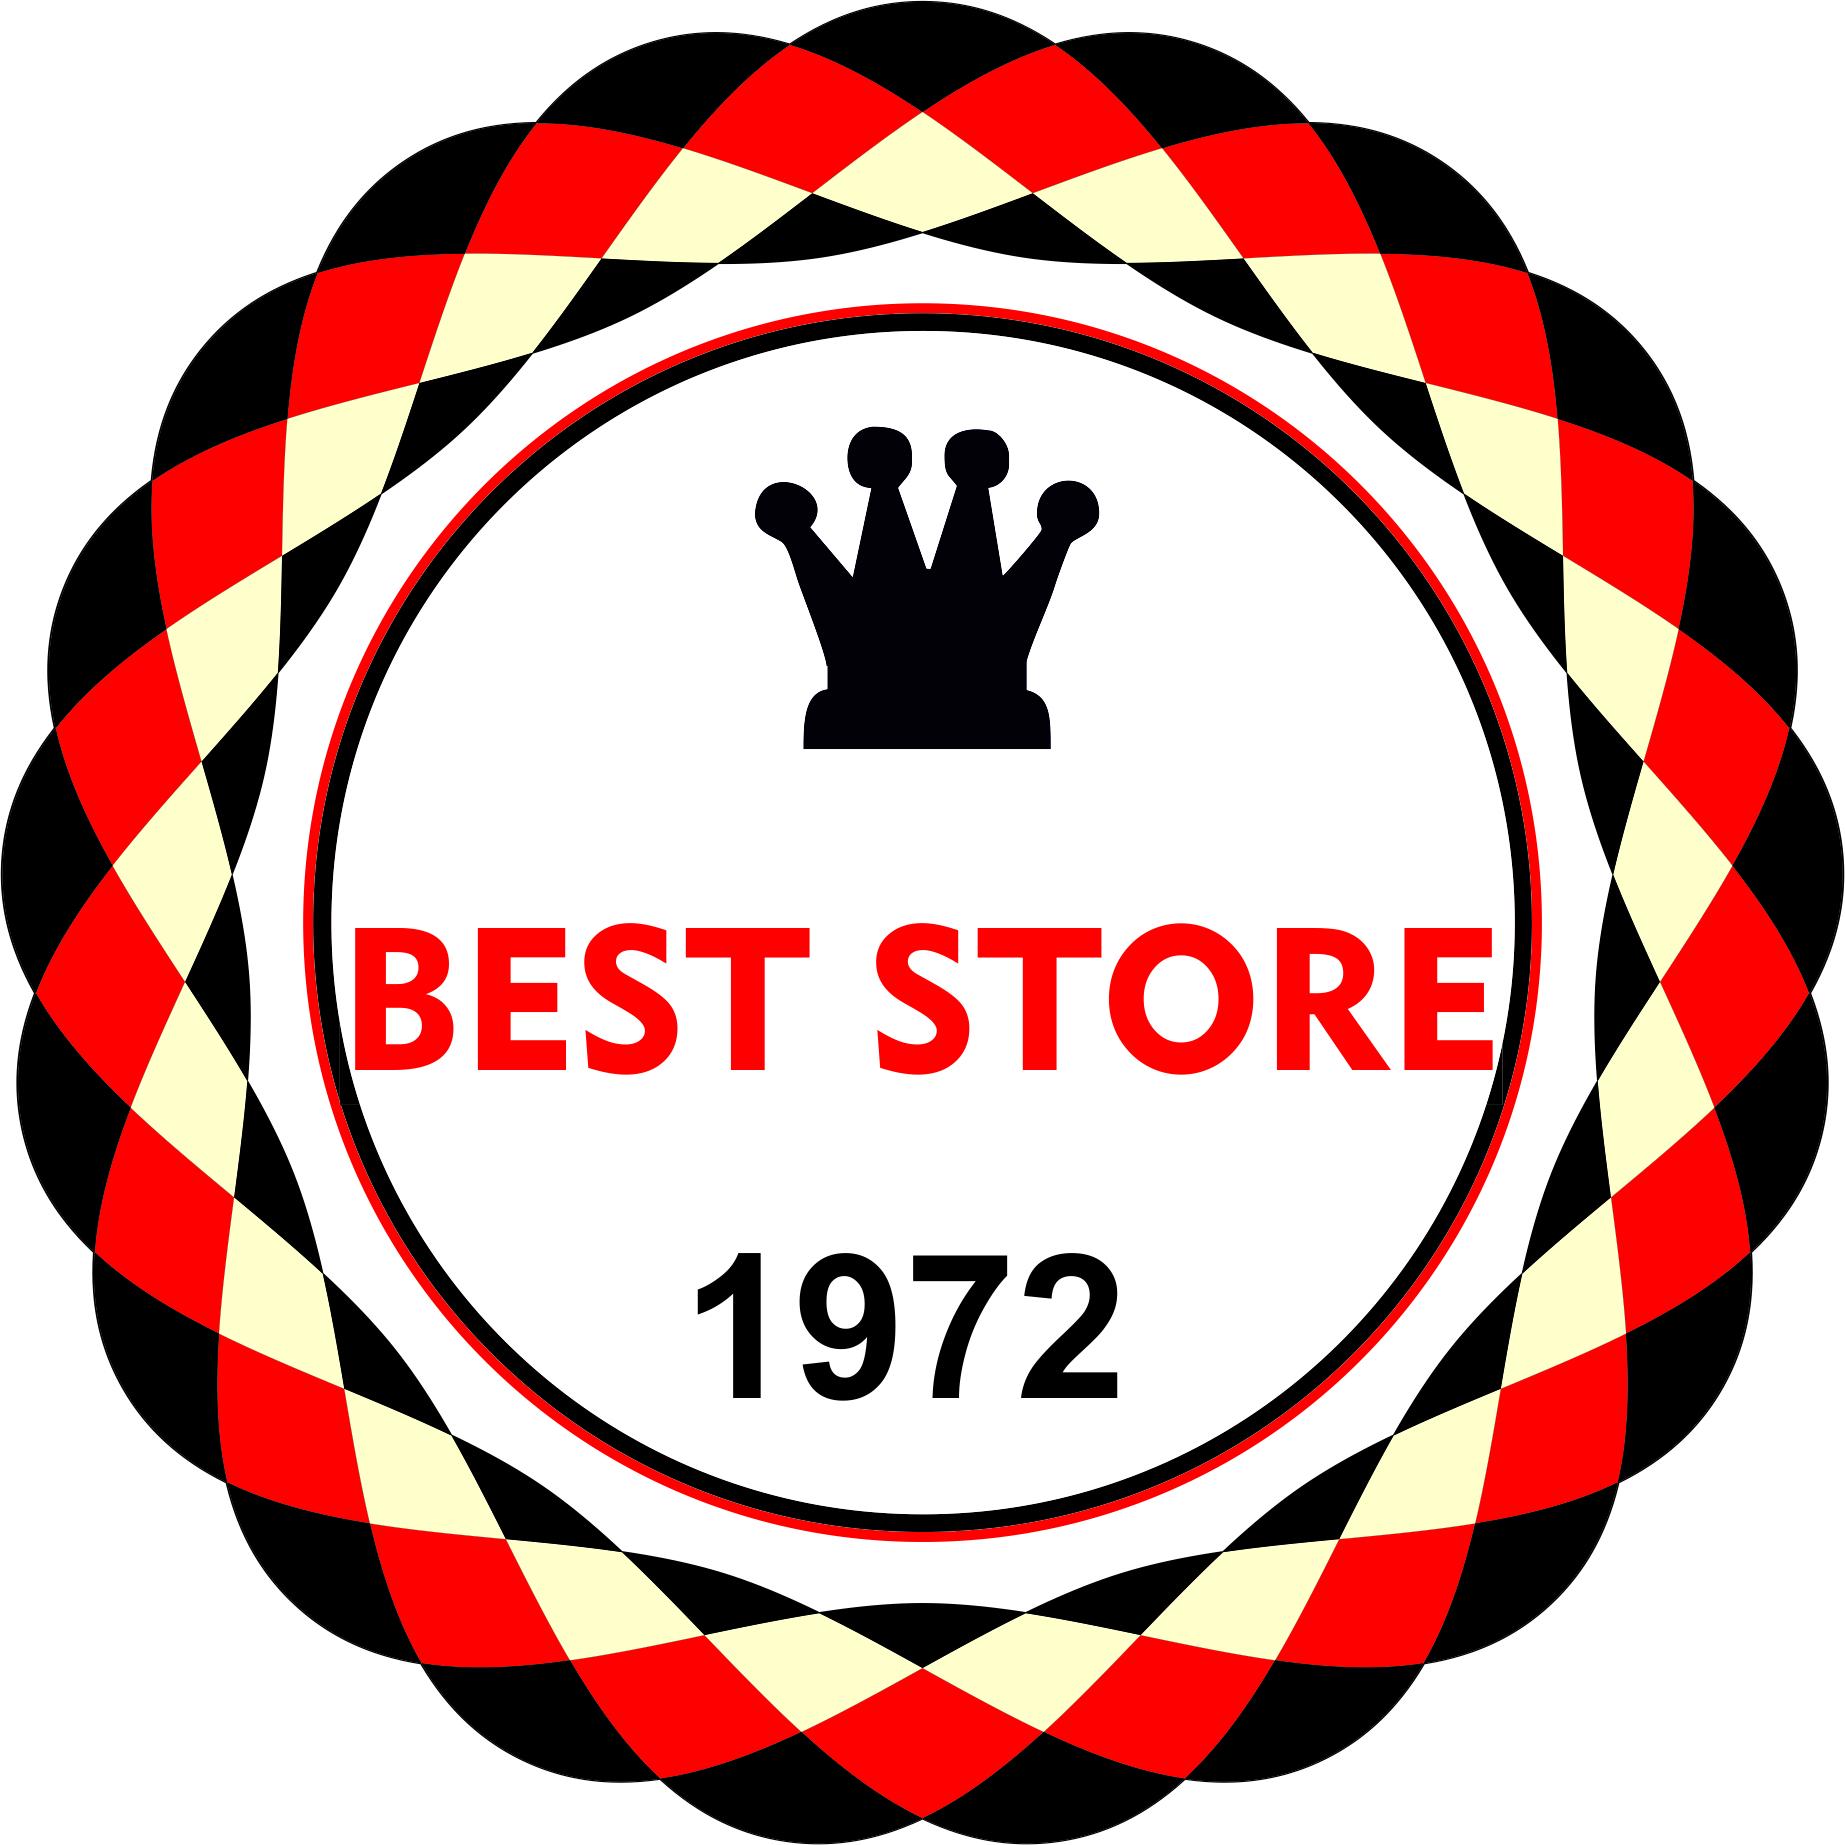 You'll get 3 retro vintage logo